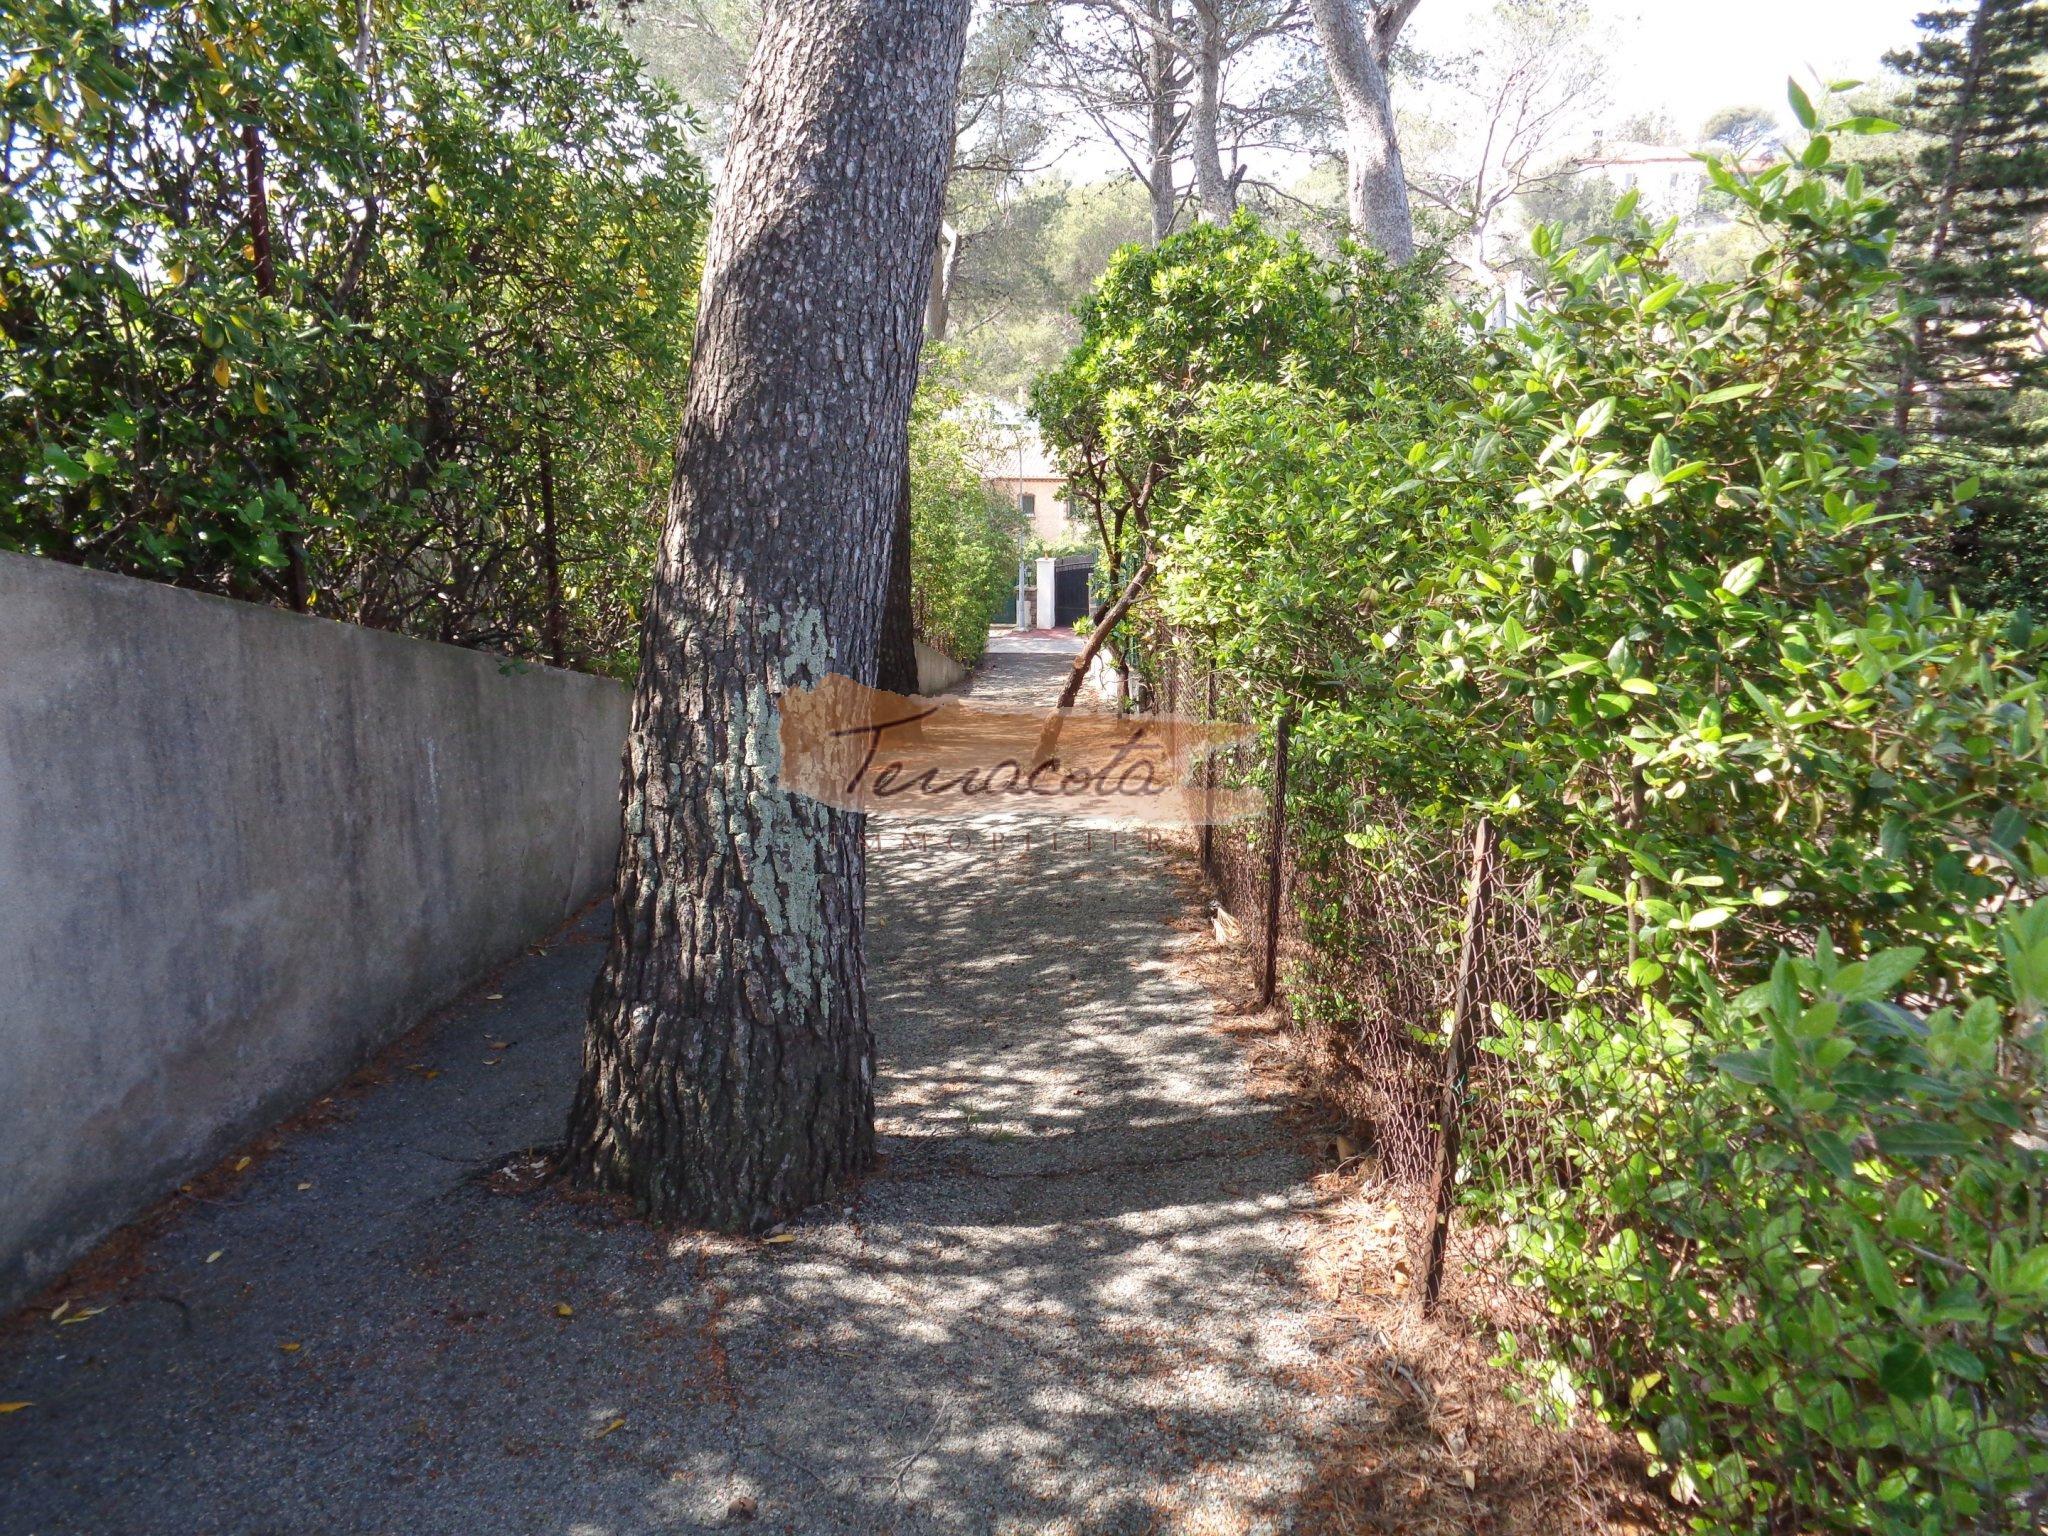 chemin piéton accès plage à 50m de la maison